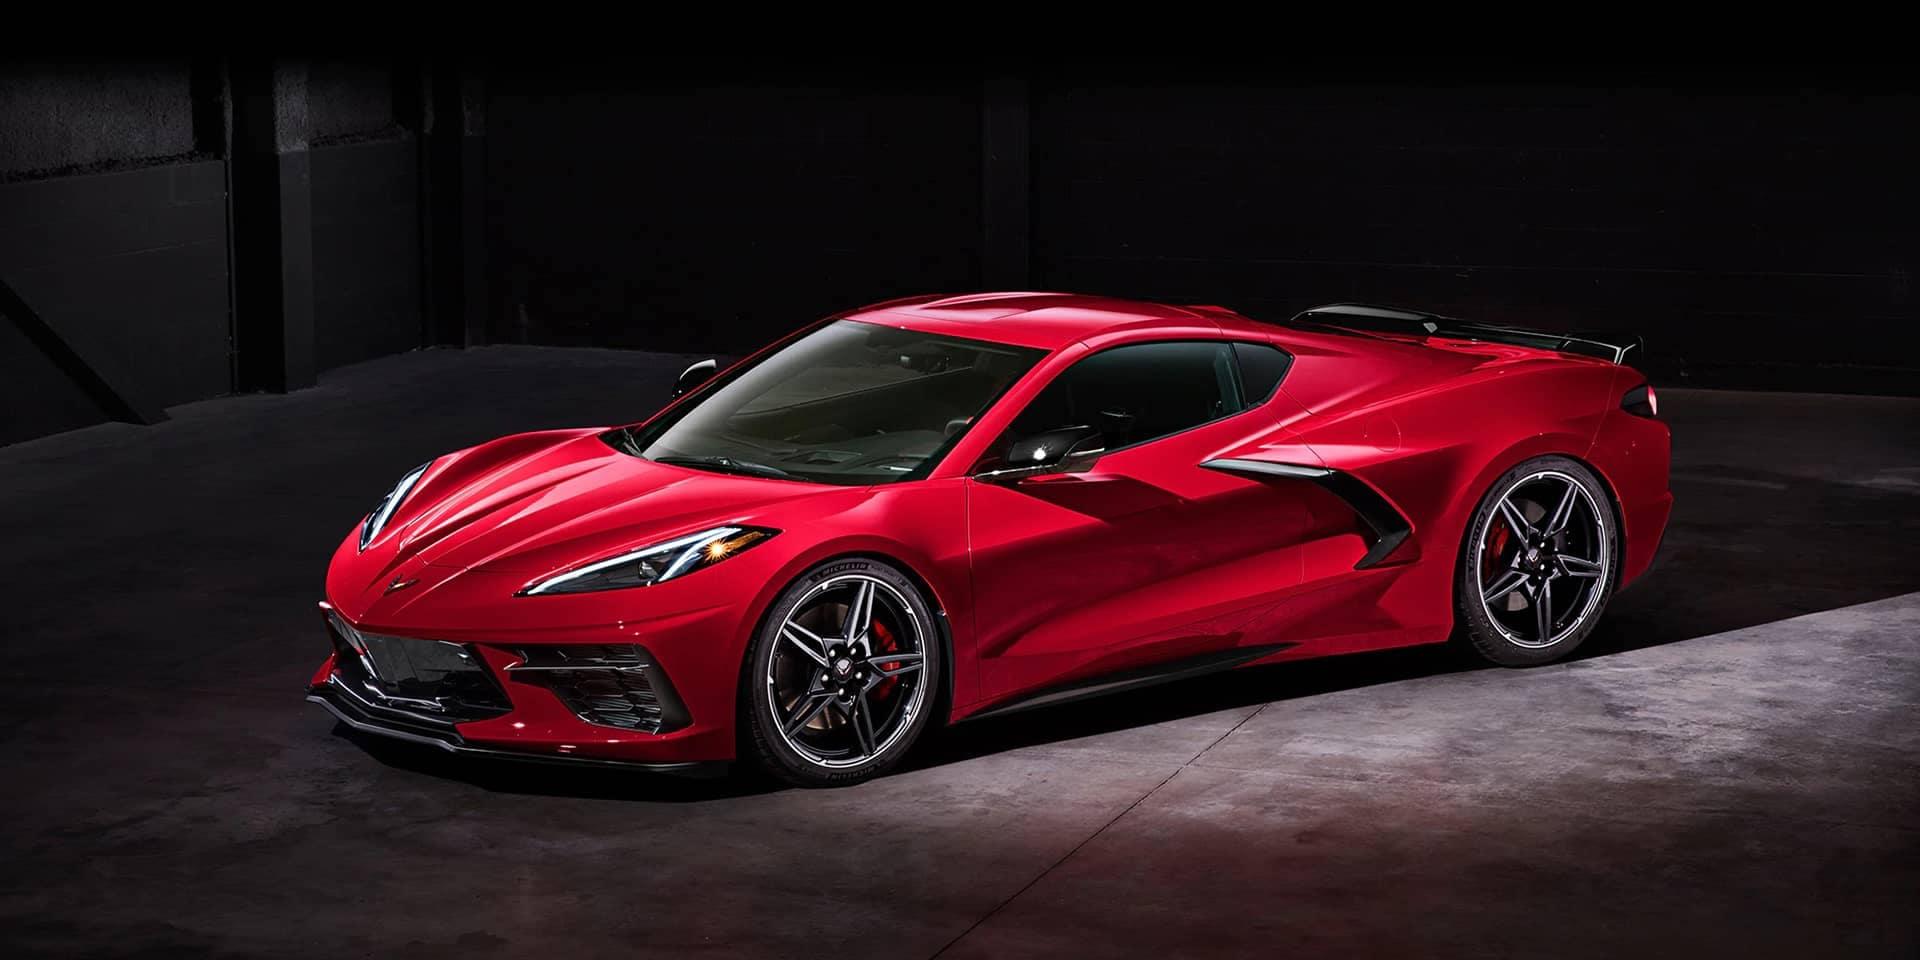 Corvette C8 Generation